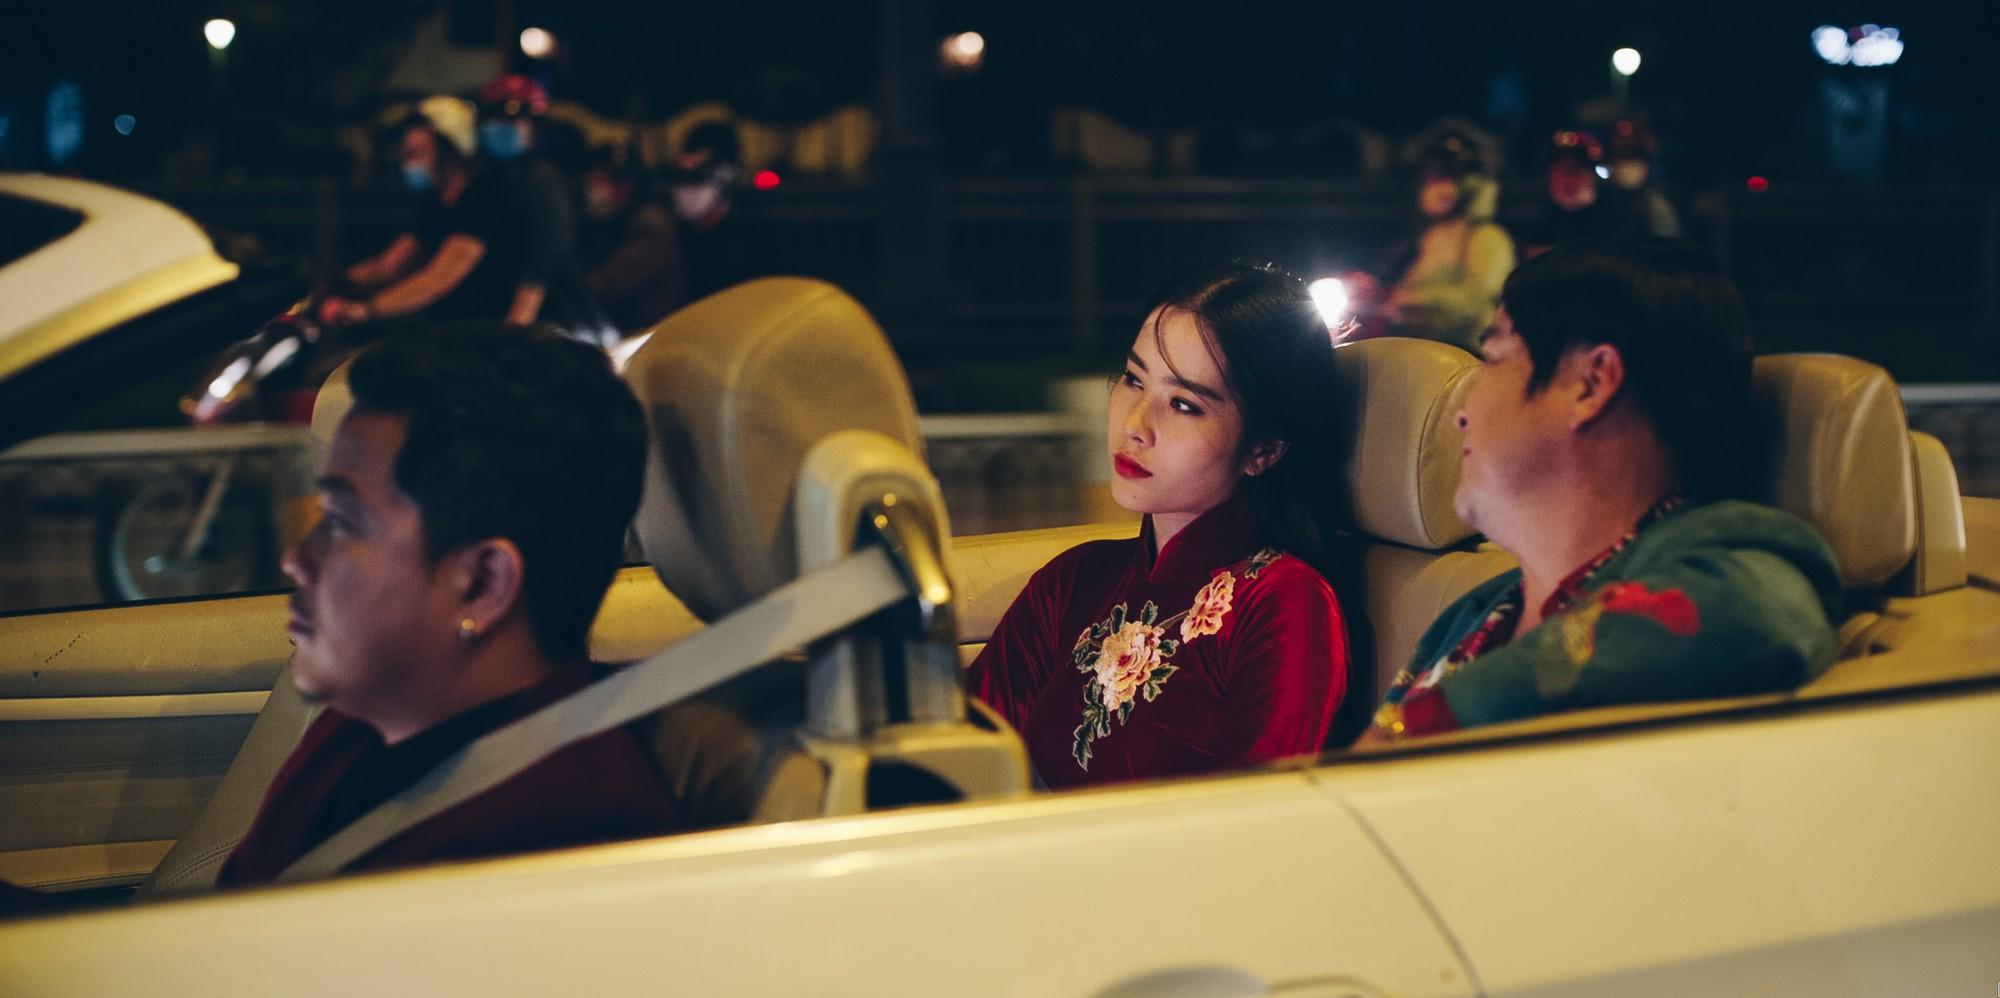 798Mười - Lầy duyên dáng như phim Châu Tinh Trì! - Ảnh 7.